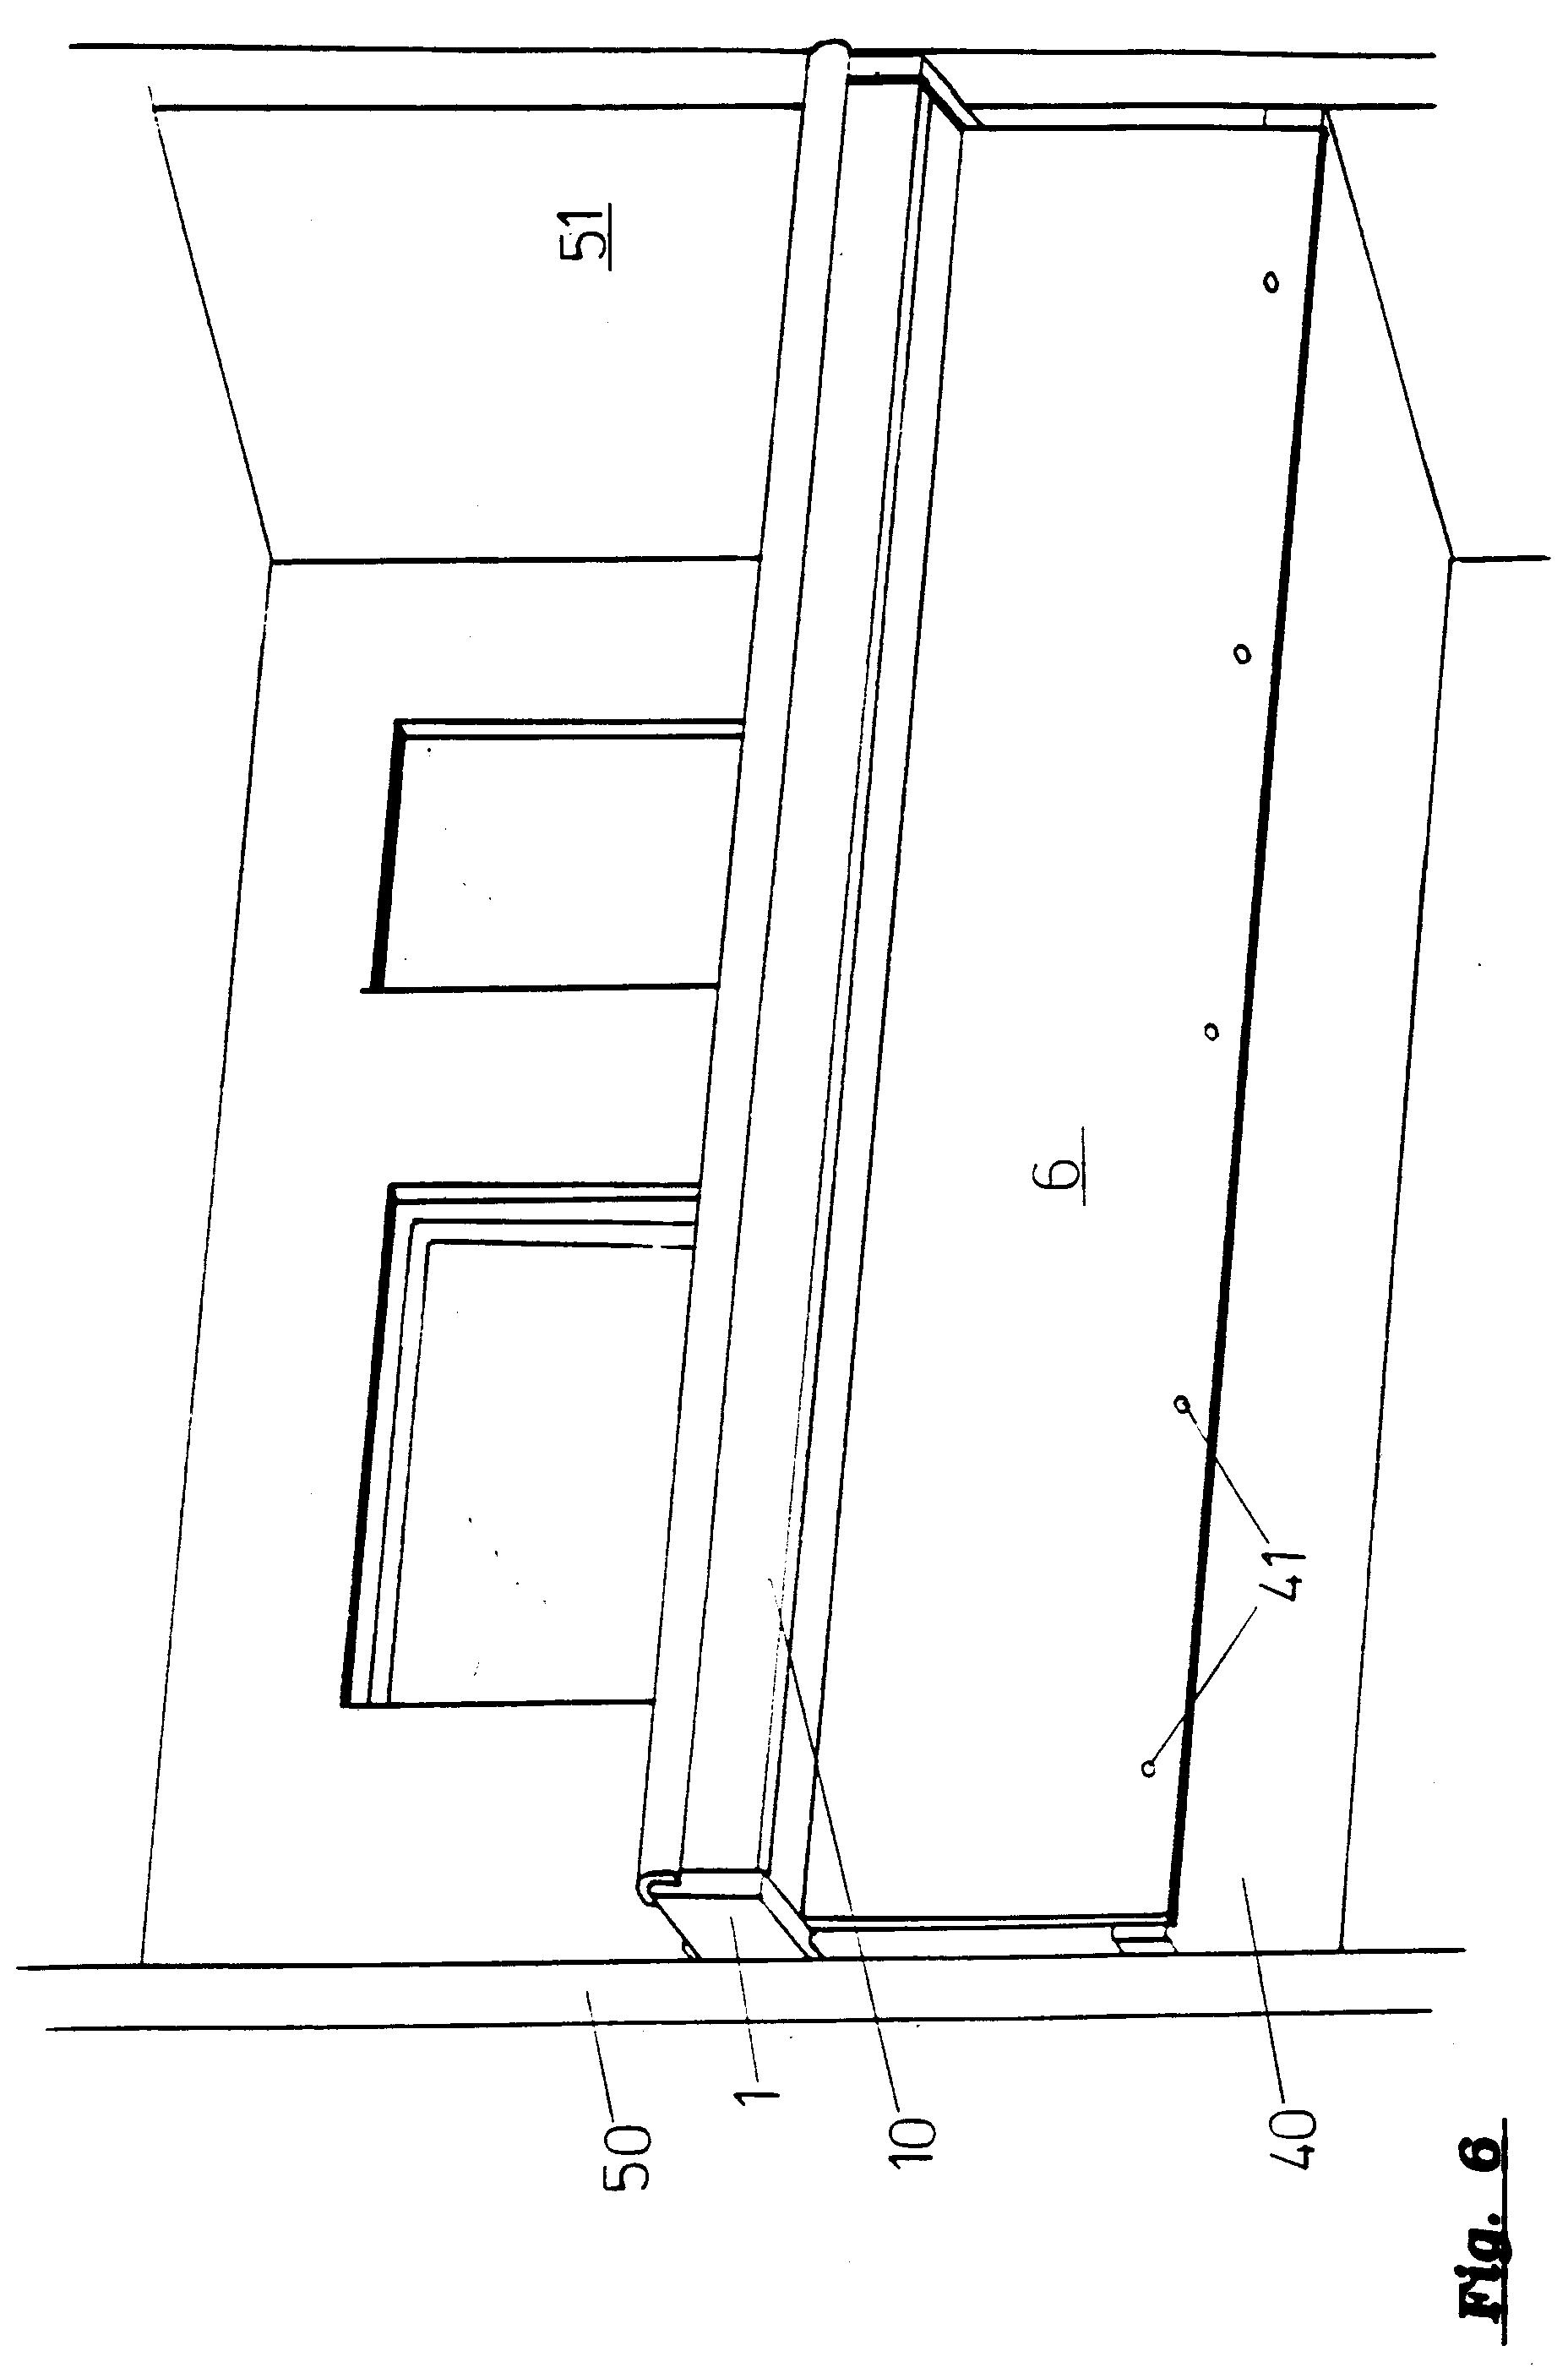 Balkongeländer Befestigung Unterseite patent ep0606557a1 geländer zur befestigung an seitlichen